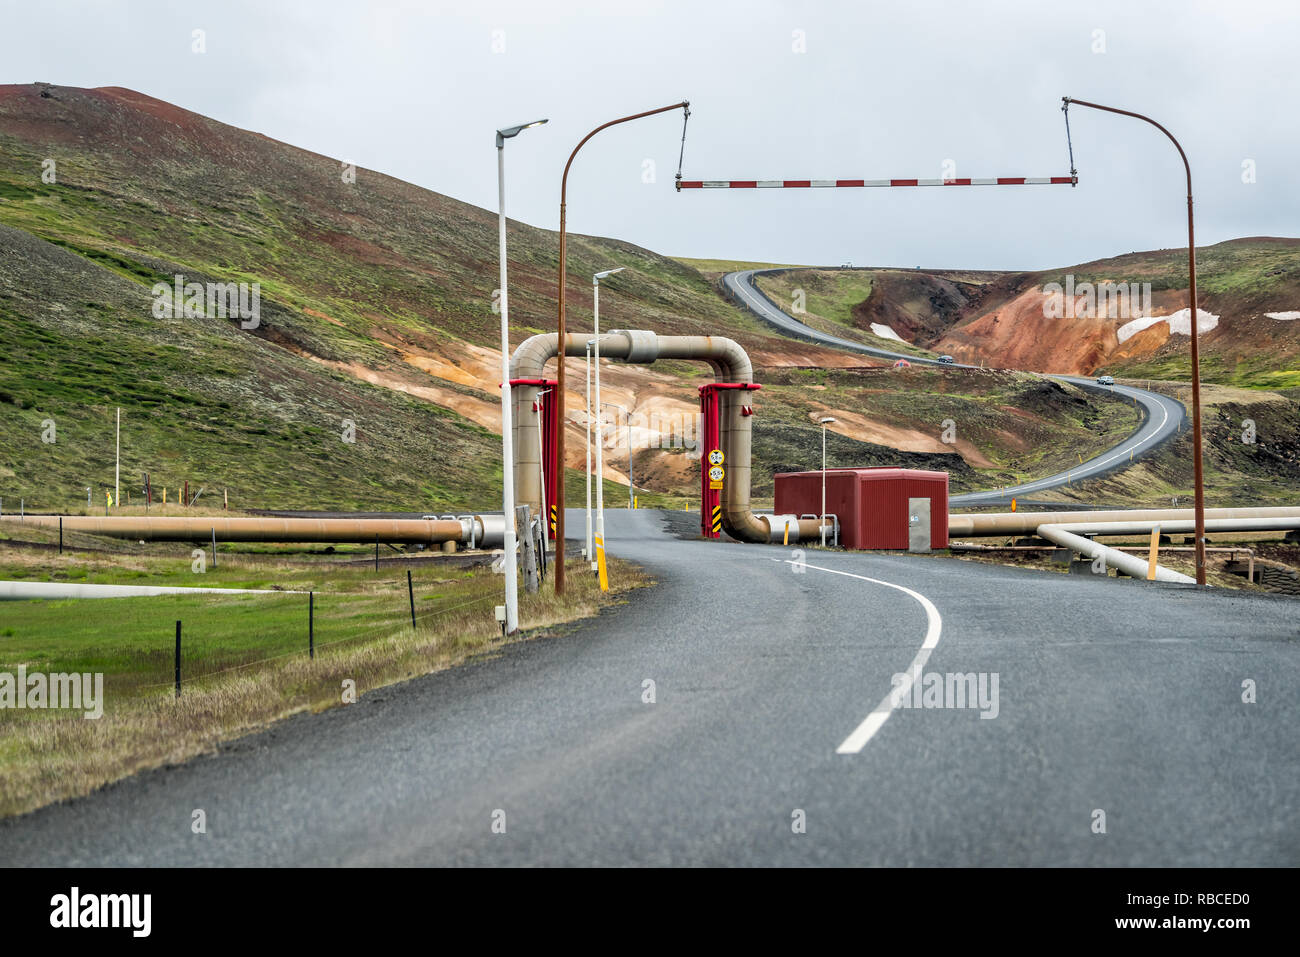 Krafla, Islandia - Junio 16, 2018: Kroflustod Power Station cerca del volcán y lago Myvatn, utilizando la energía geotérmica con asfalto y tuberías Imagen De Stock